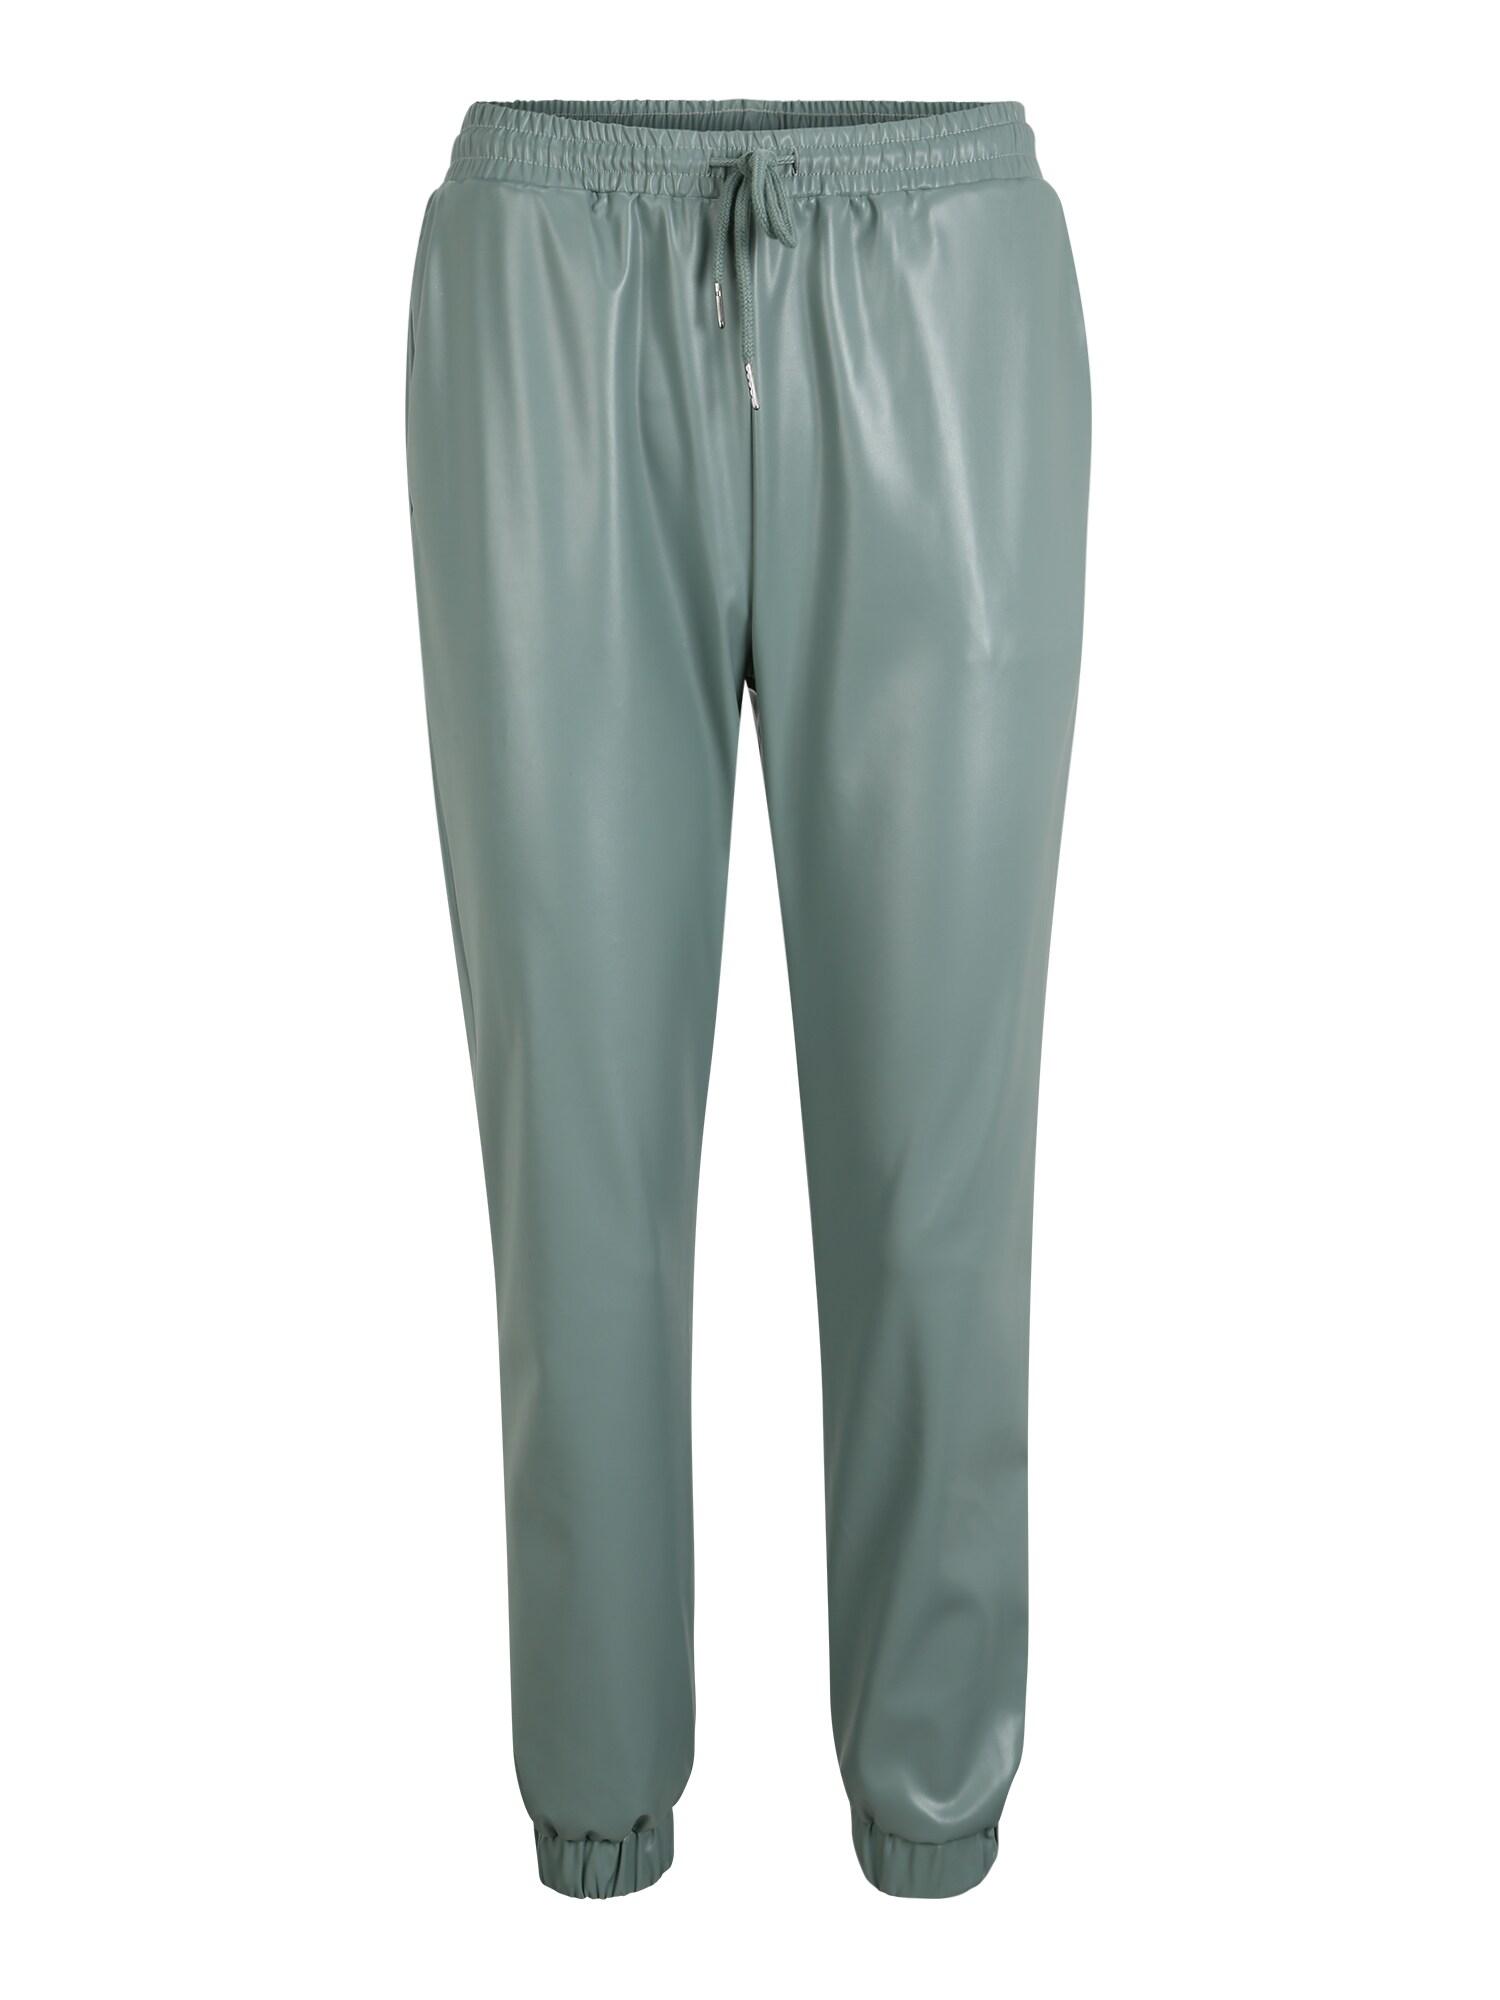 Missguided (Petite) Kelnės pastelinė žalia / šviesiai žalia